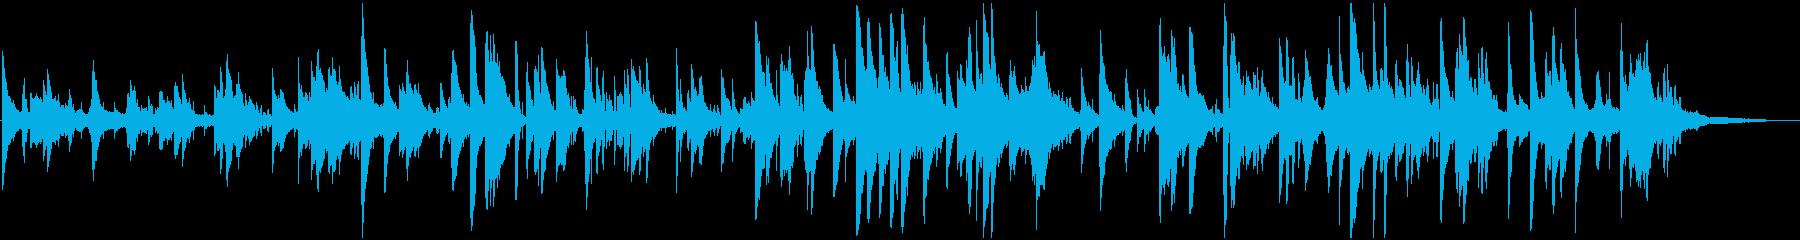 秋の気配 哀愁Jazz ピアノ サックスの再生済みの波形